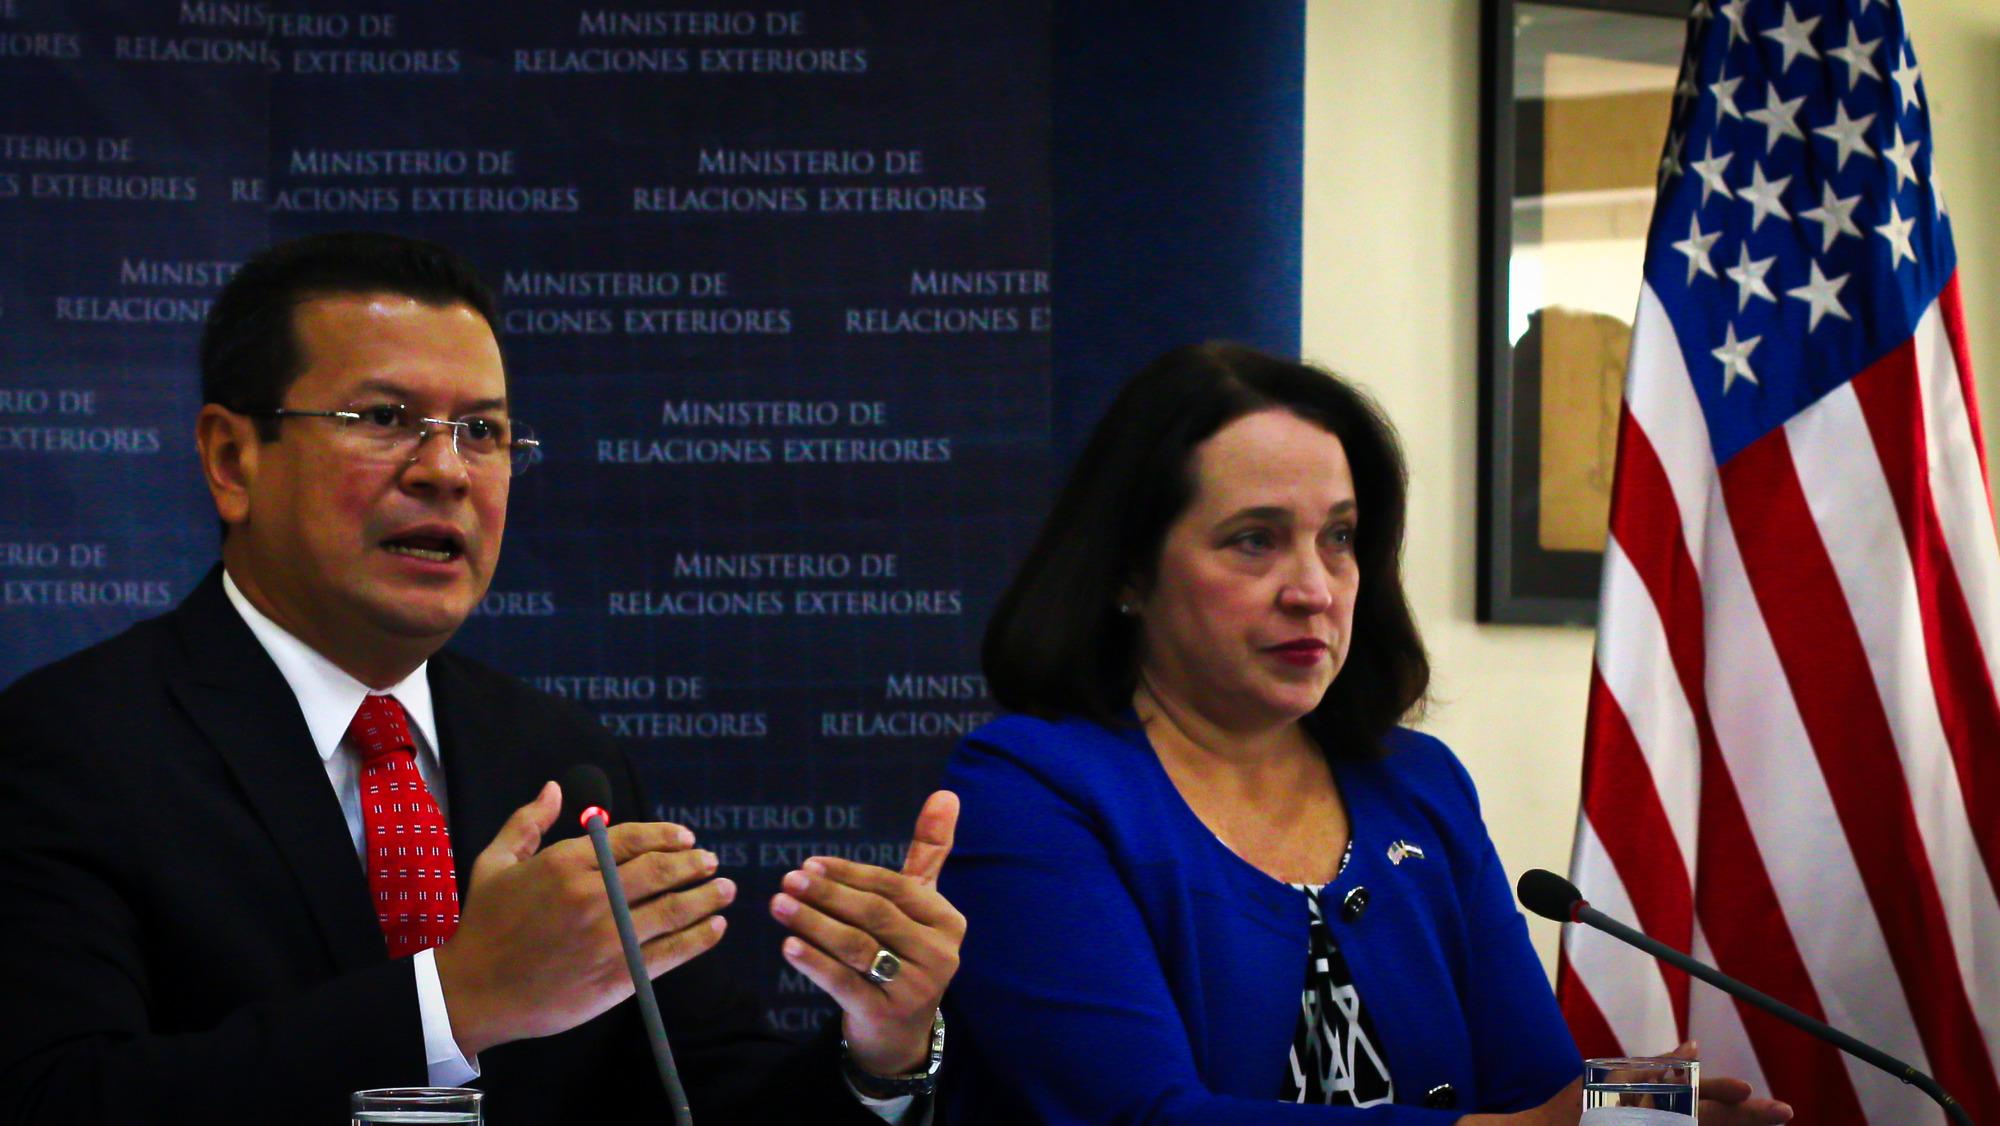 Miles de salvadoreños se quedarán sin TPS y gobierno intenta venderlo como logro